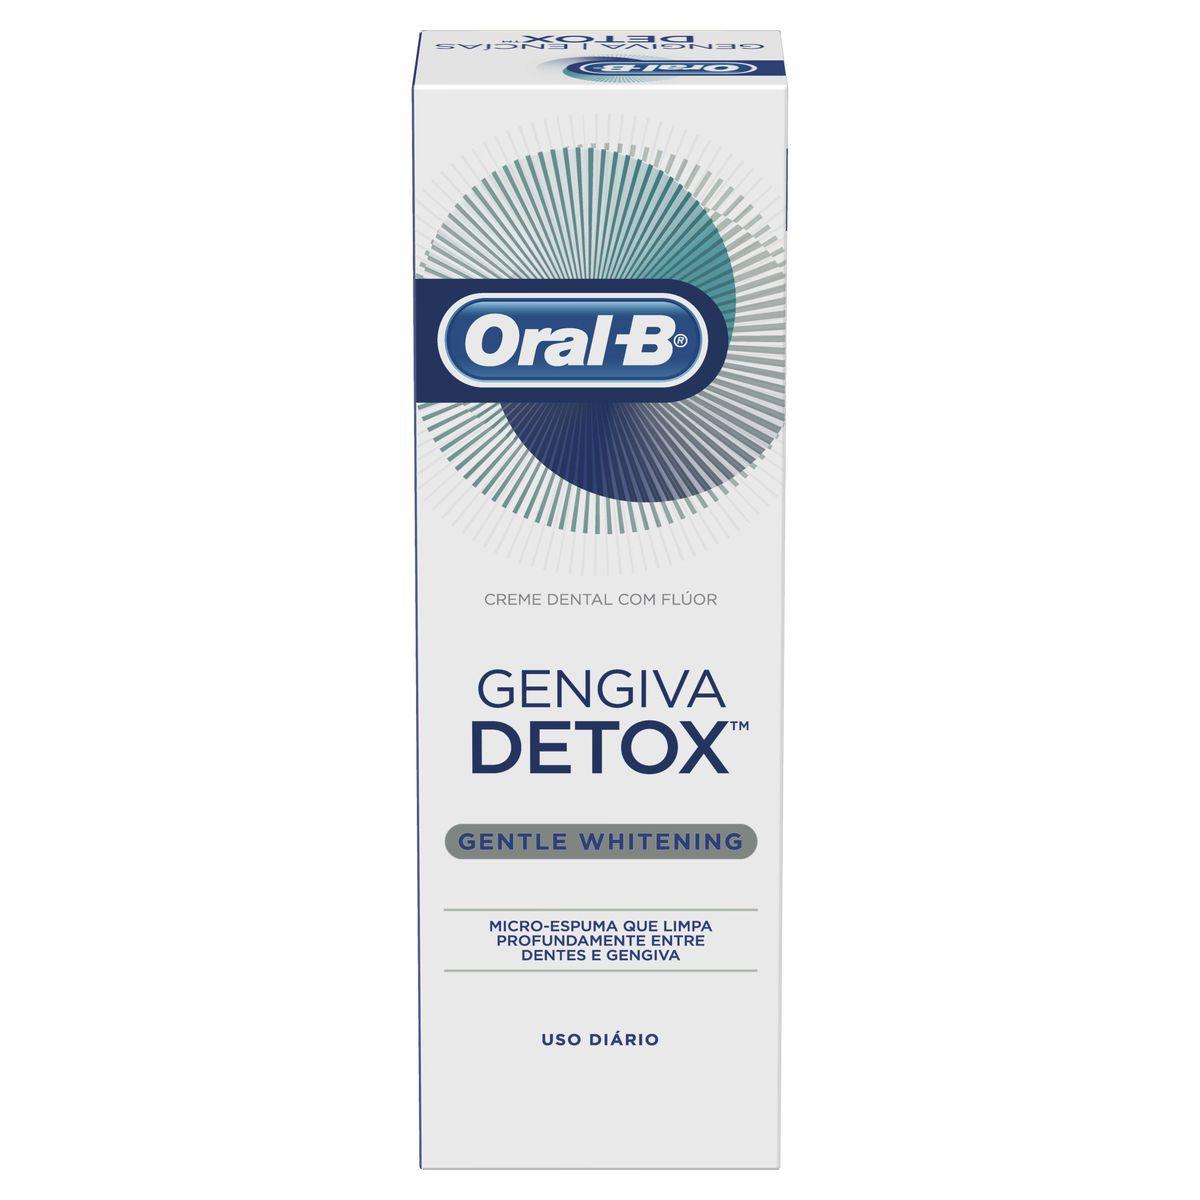 Creme Dental Oral-B Gengiva Detox Gentle Whitening 102g